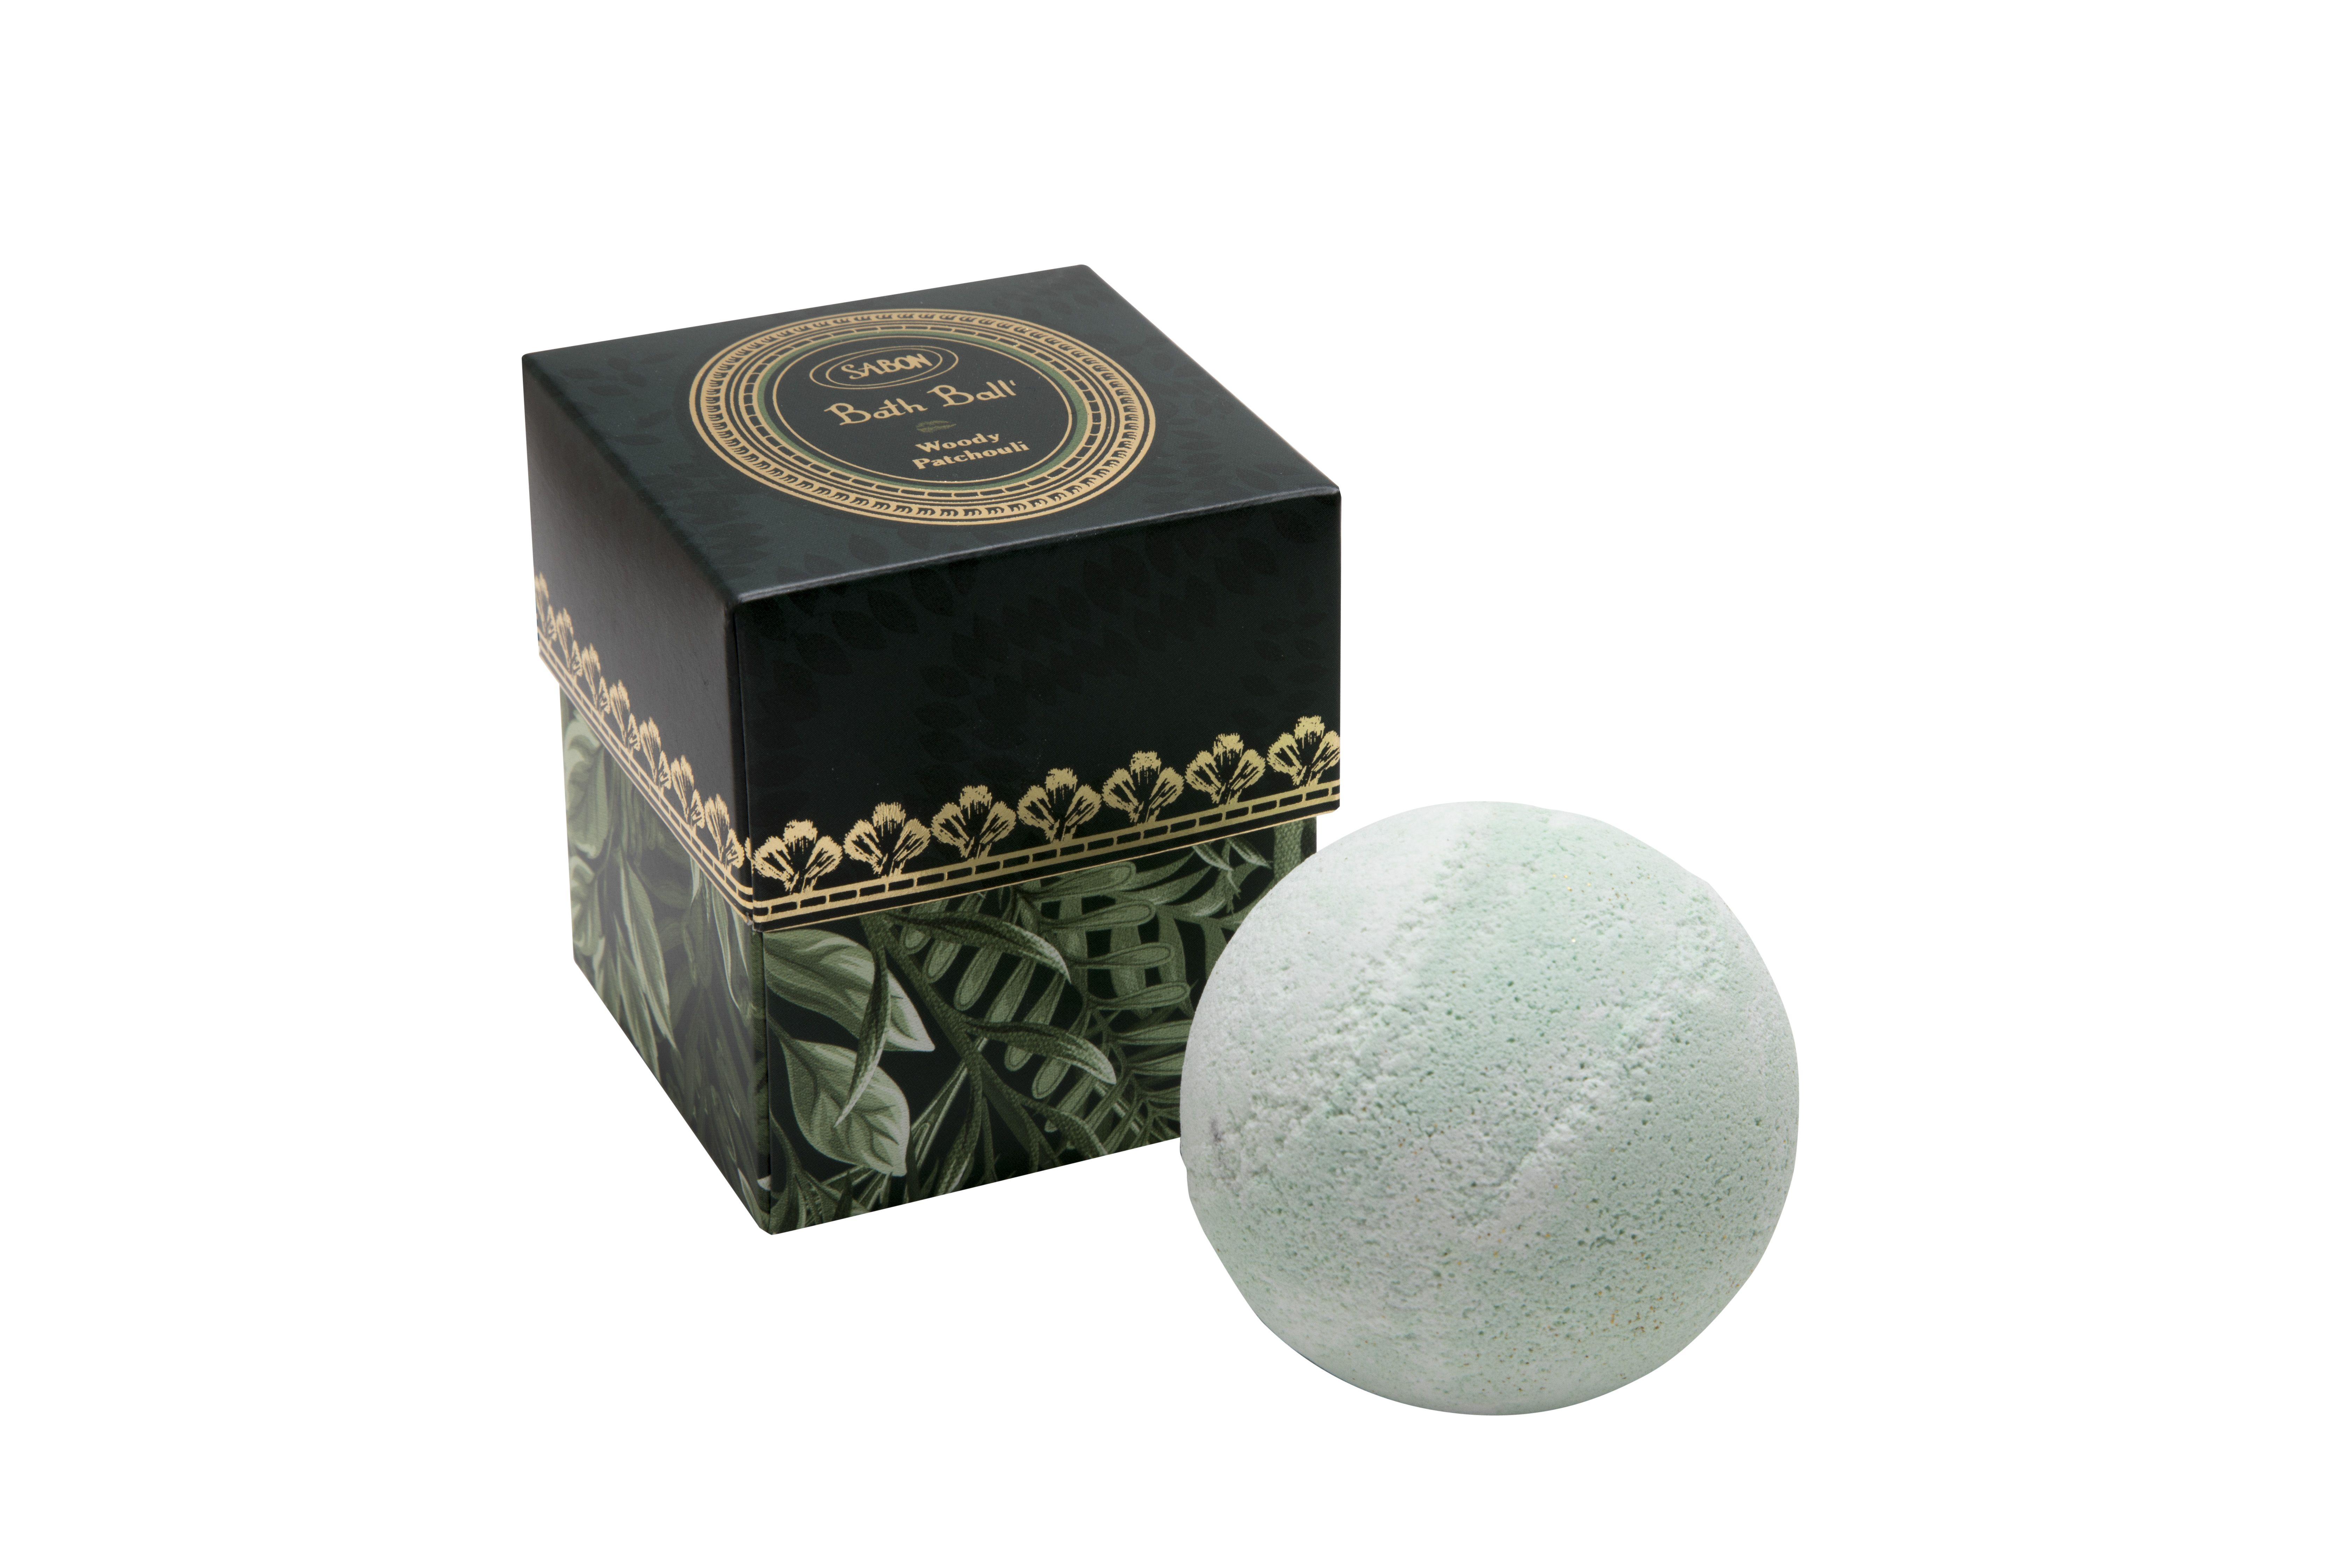 暮光森林沐浴球 Bath Ball 160g /NT 380